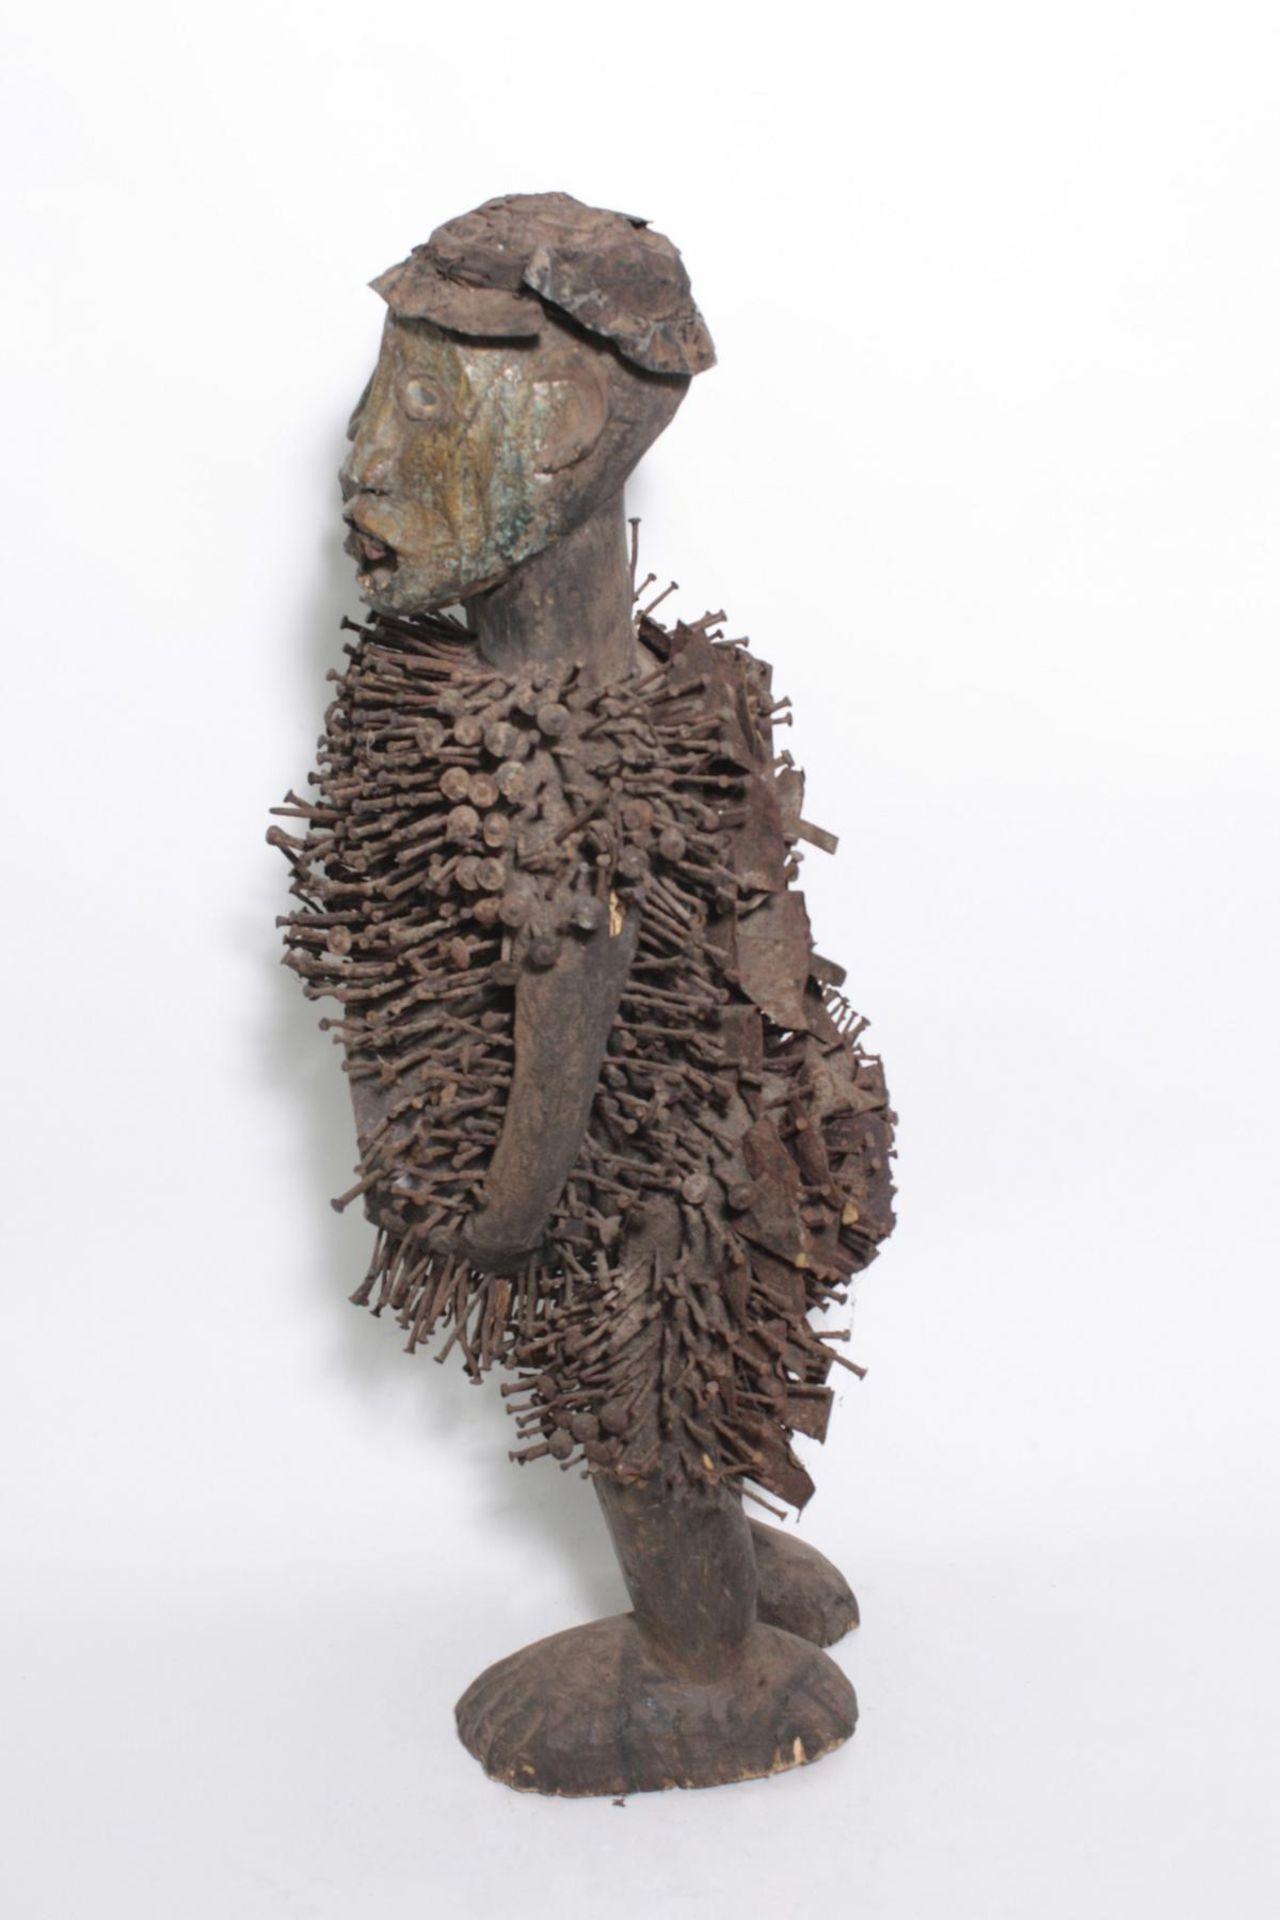 Doppelkopf-Nagelfetisch-Ritual Figur. Kongo-Yombe, Nkisi Nkondi, 1. Hälfte 20. Jh. - Bild 8 aus 9